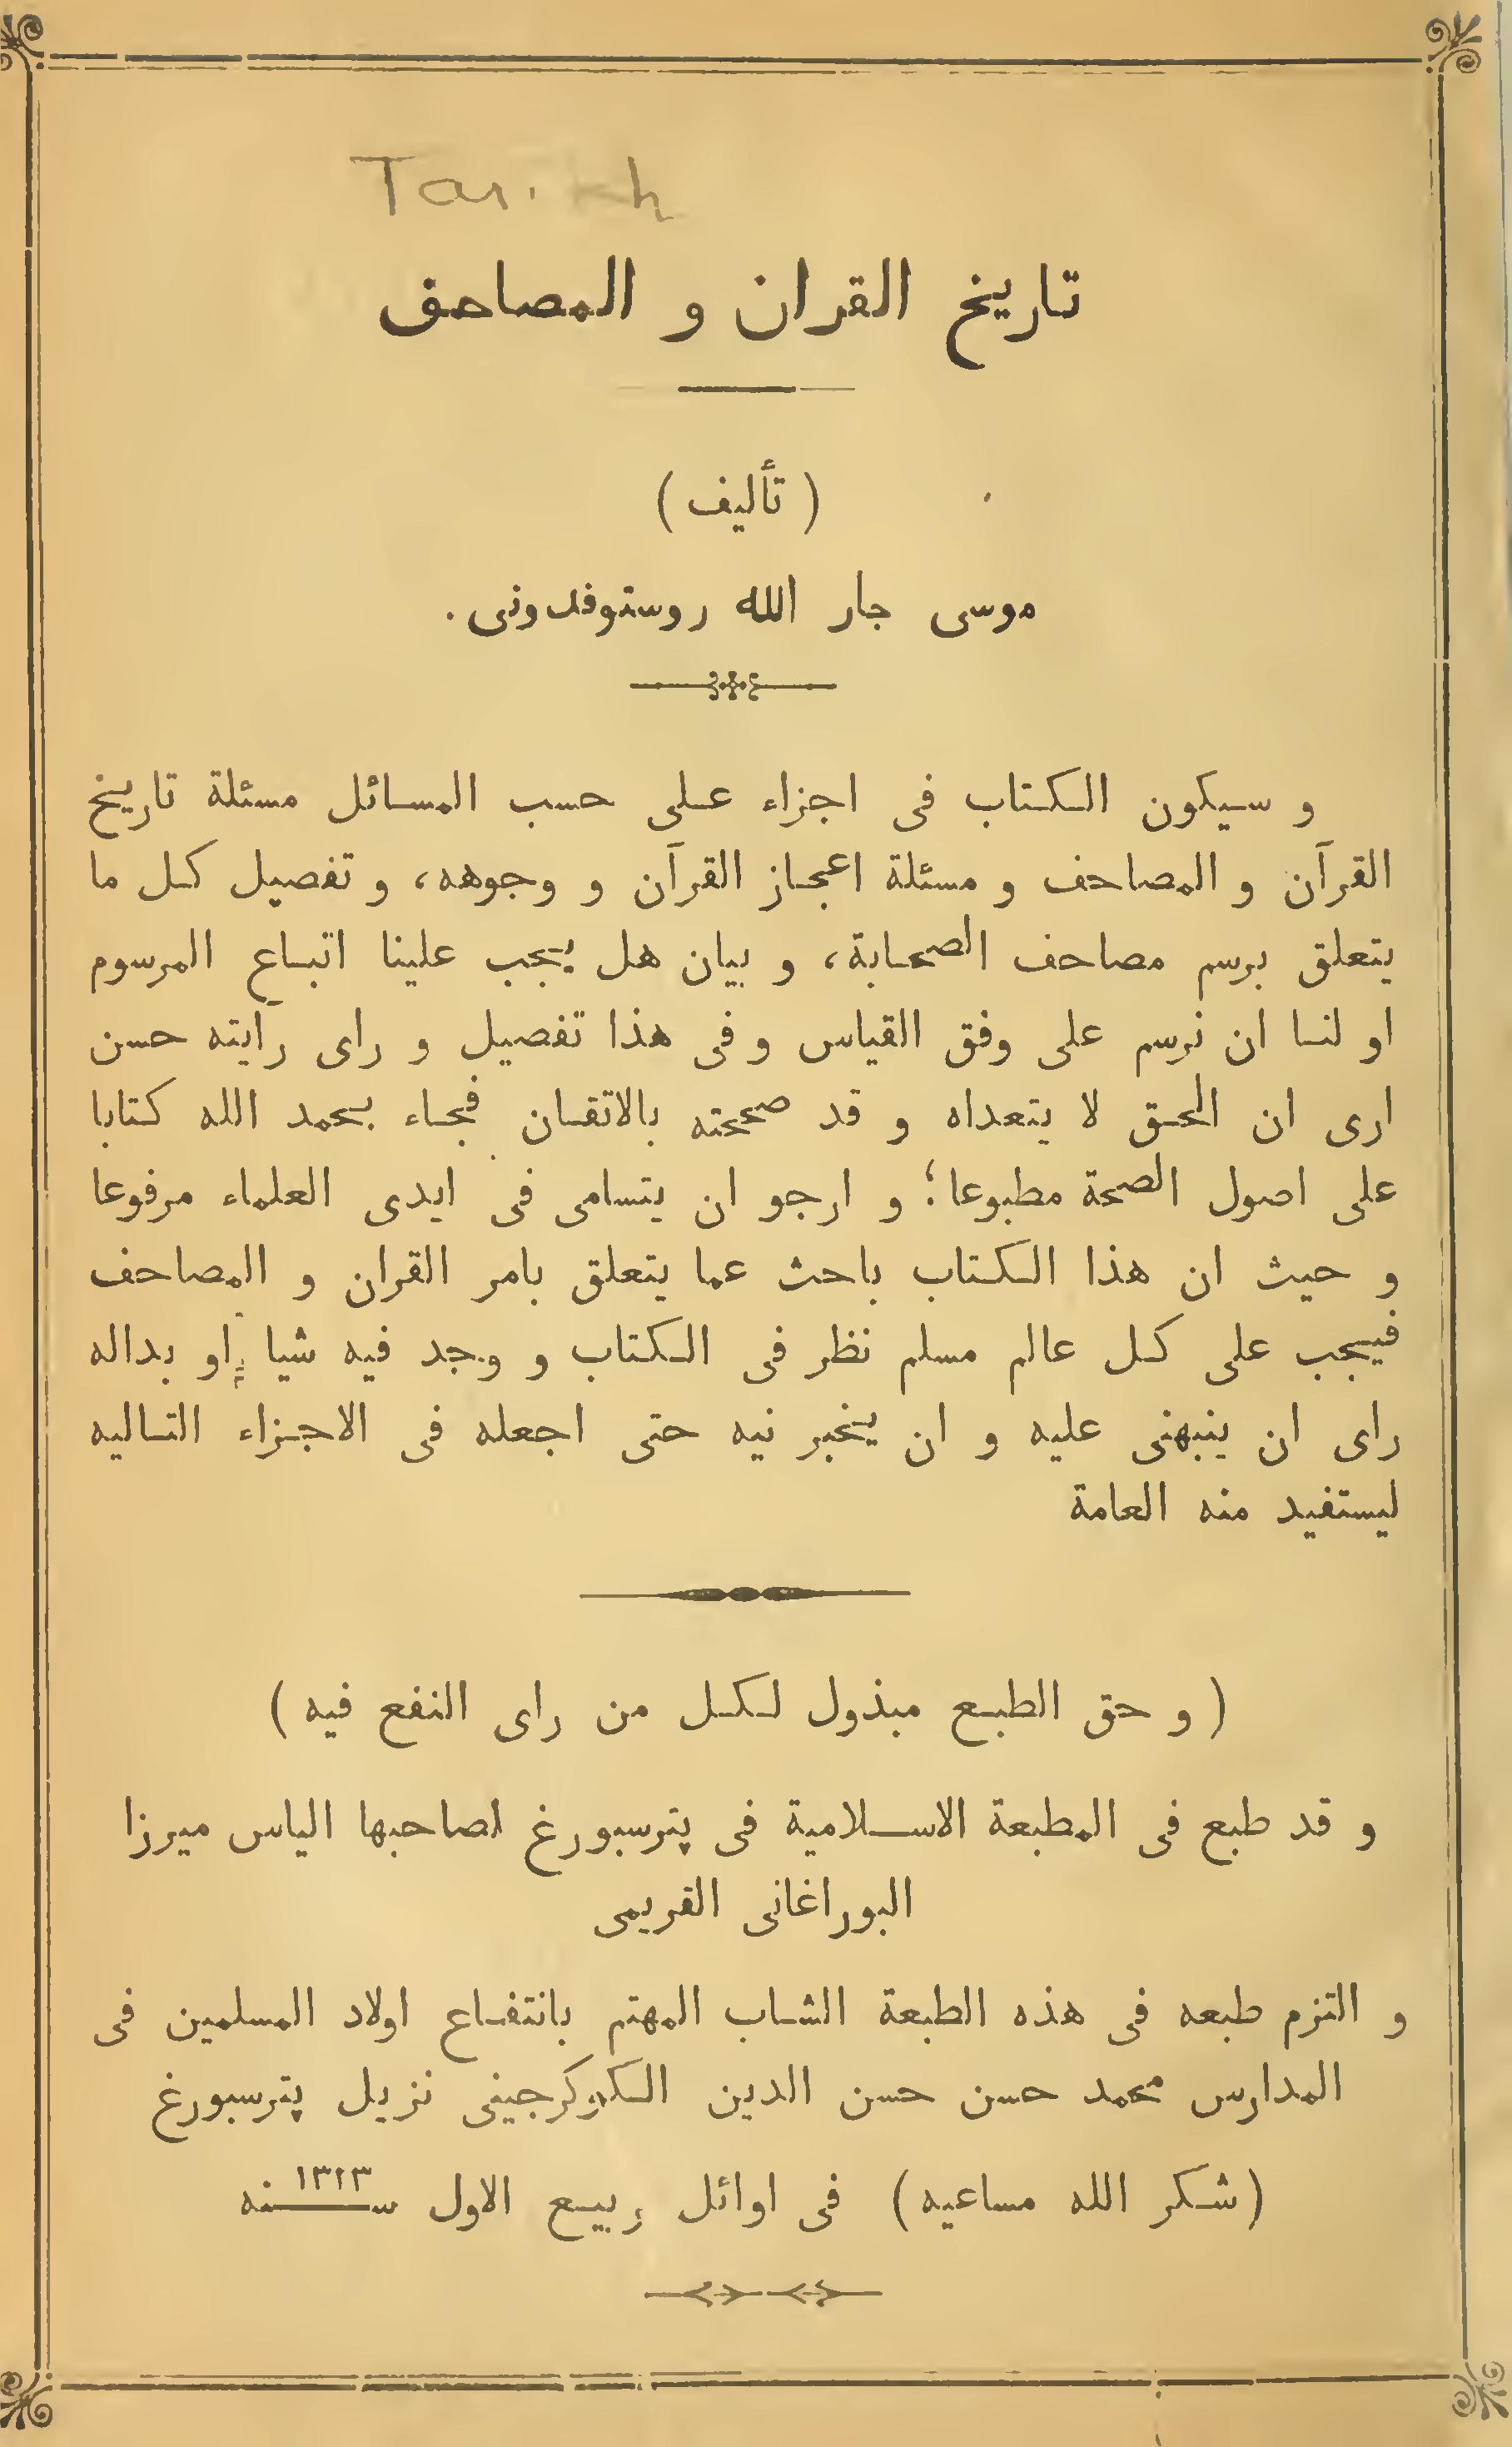 تاريخ القرآن والمصاحف (ابن فاطمة الروسي) - موسى جار الله، ابن فاطمة، التركستاني الروستوفدوني الروسي (ت 1369)